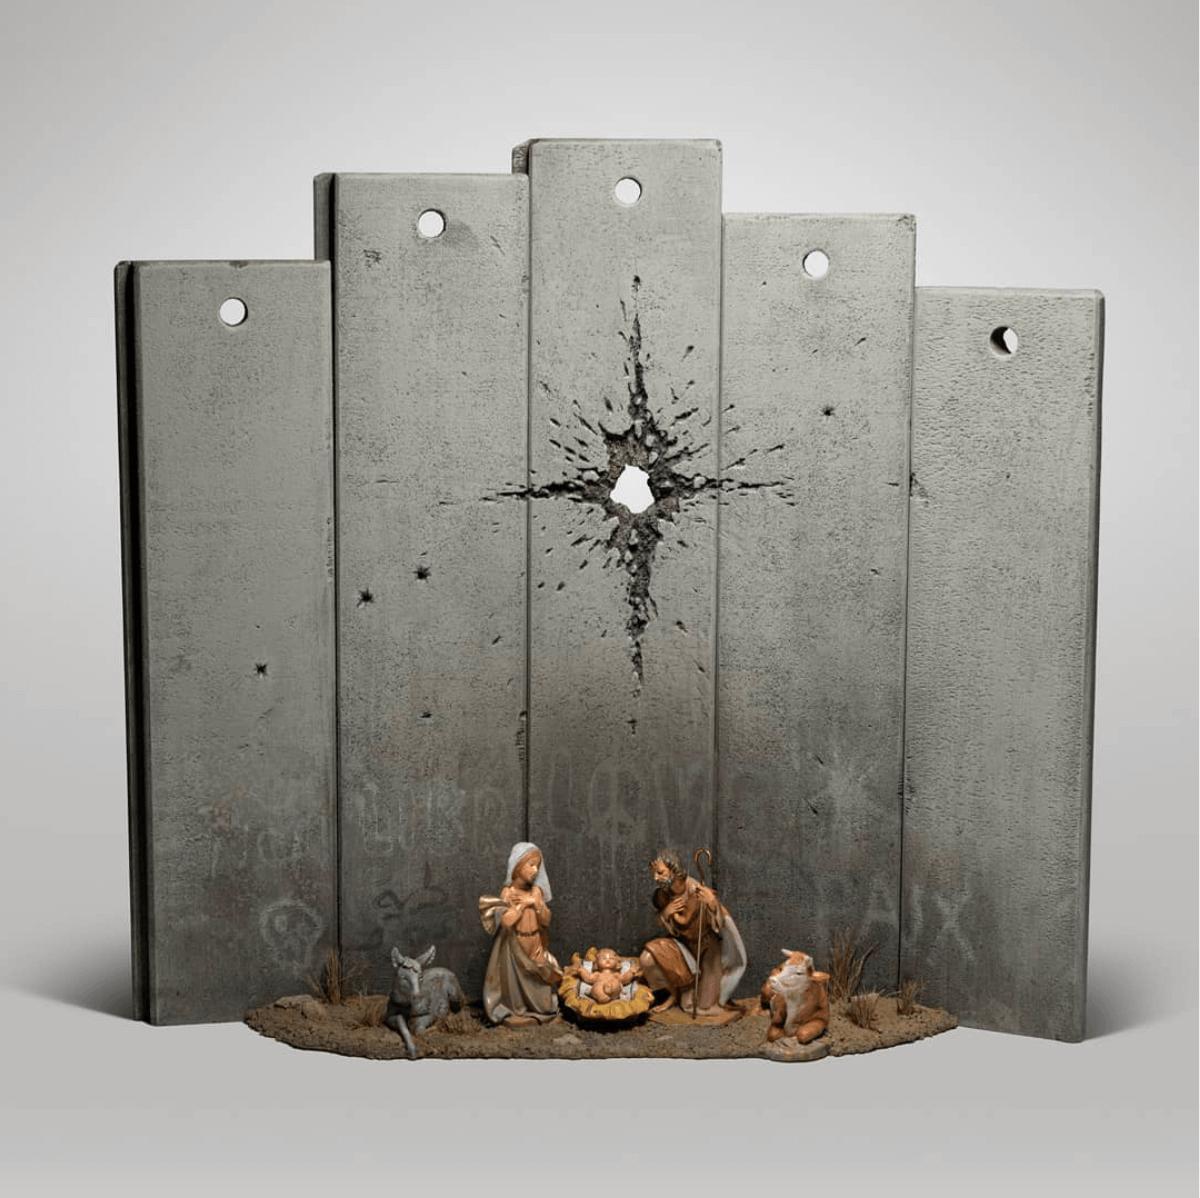 Μια φάτνη με μια τρύπα από σφαίρα, το νέο έργο του Banksy στη Βηθλεέμ